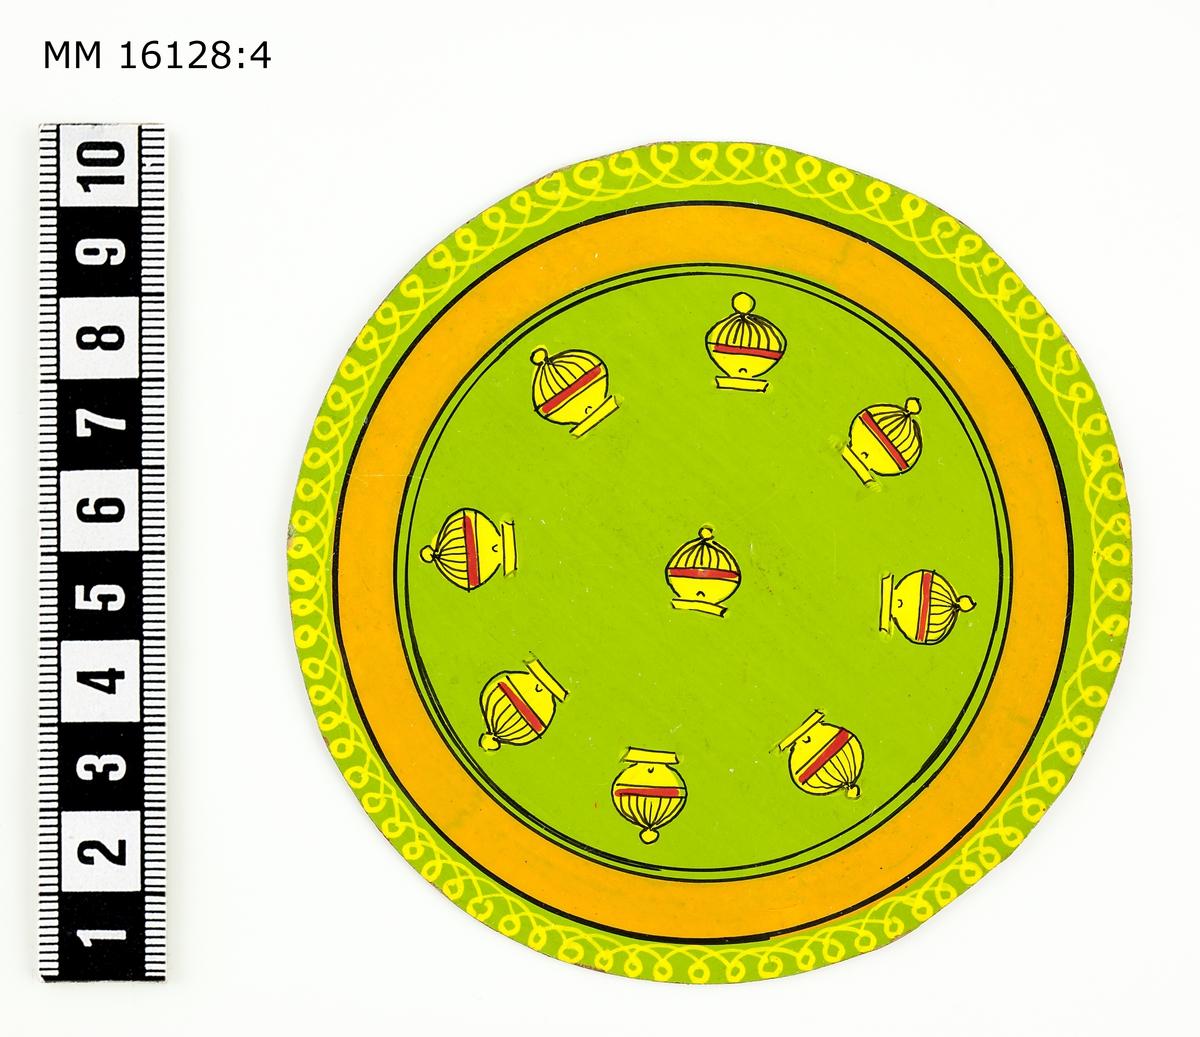 Indiska spelkort av cirkelrunda plattor av styv kartong med bemålad framsida  och orange baksida. :4 Ljusgrön botten med från mitten: 9 lökkupoler samt i cirkel: 2 svarta, 1 orange, 1 svart linje samt gul mönsterbård.